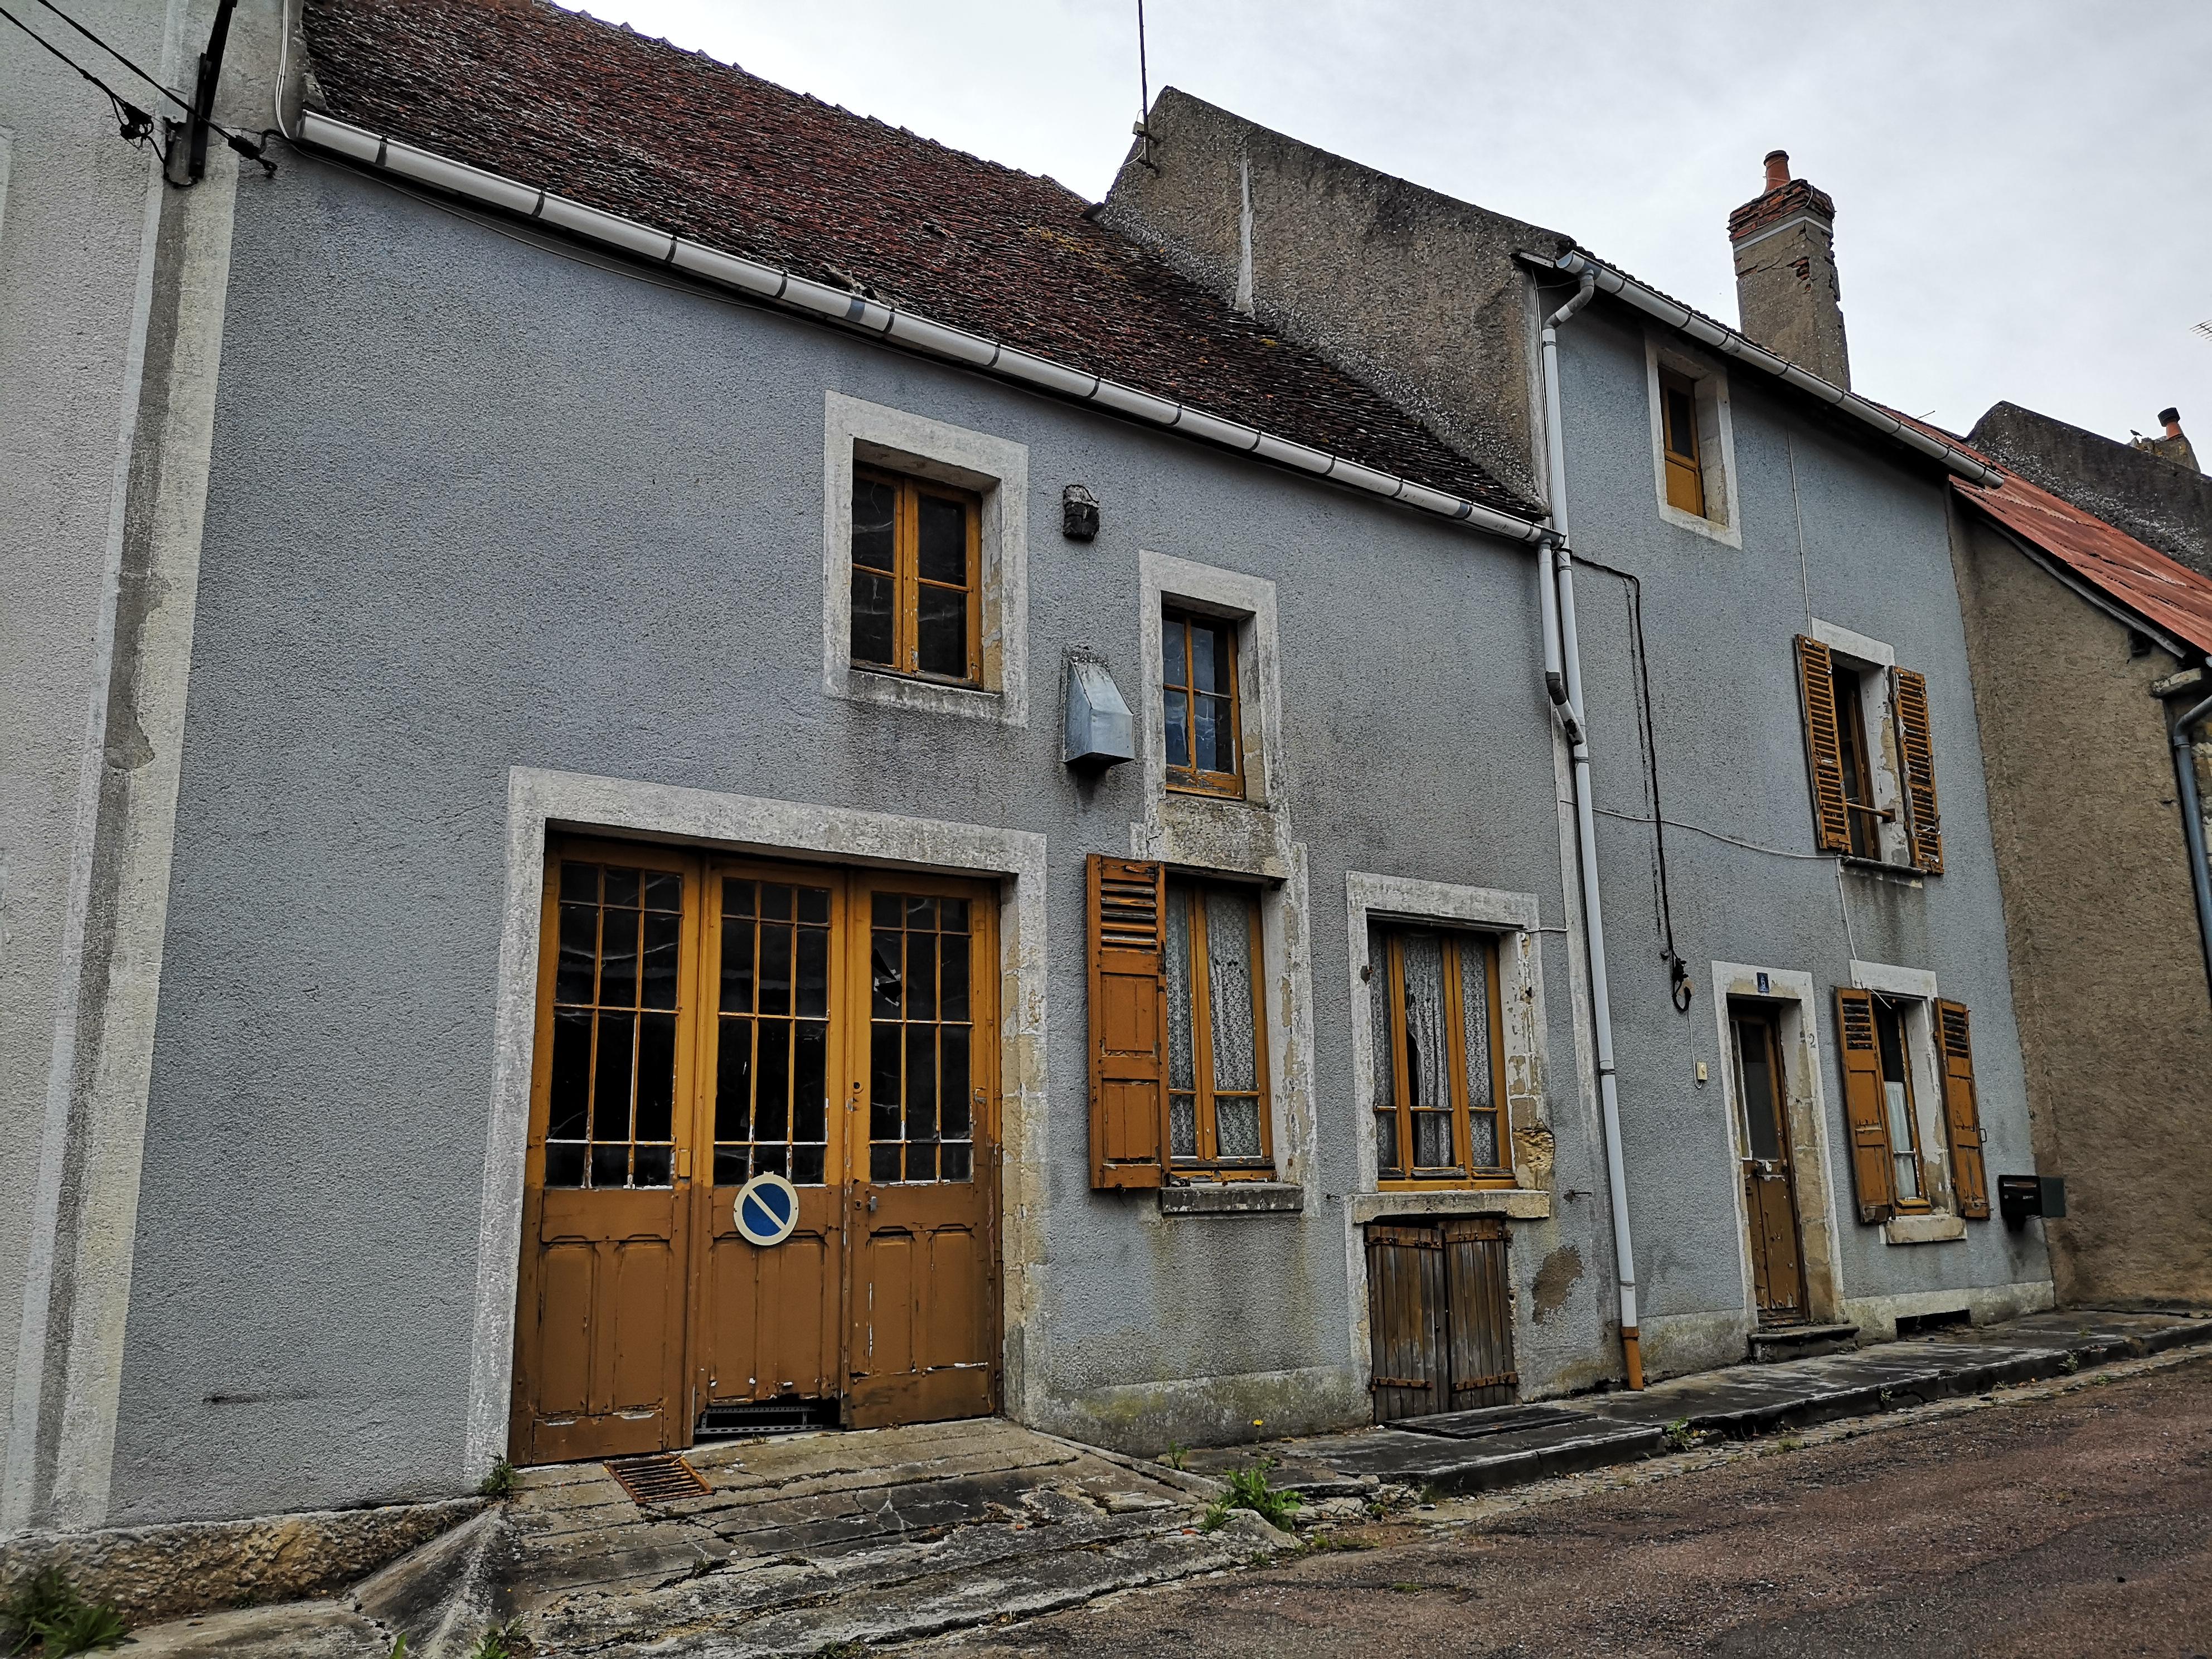 MAISON à rénover 87 m² HABITABLES, dans  bourg avec commerces